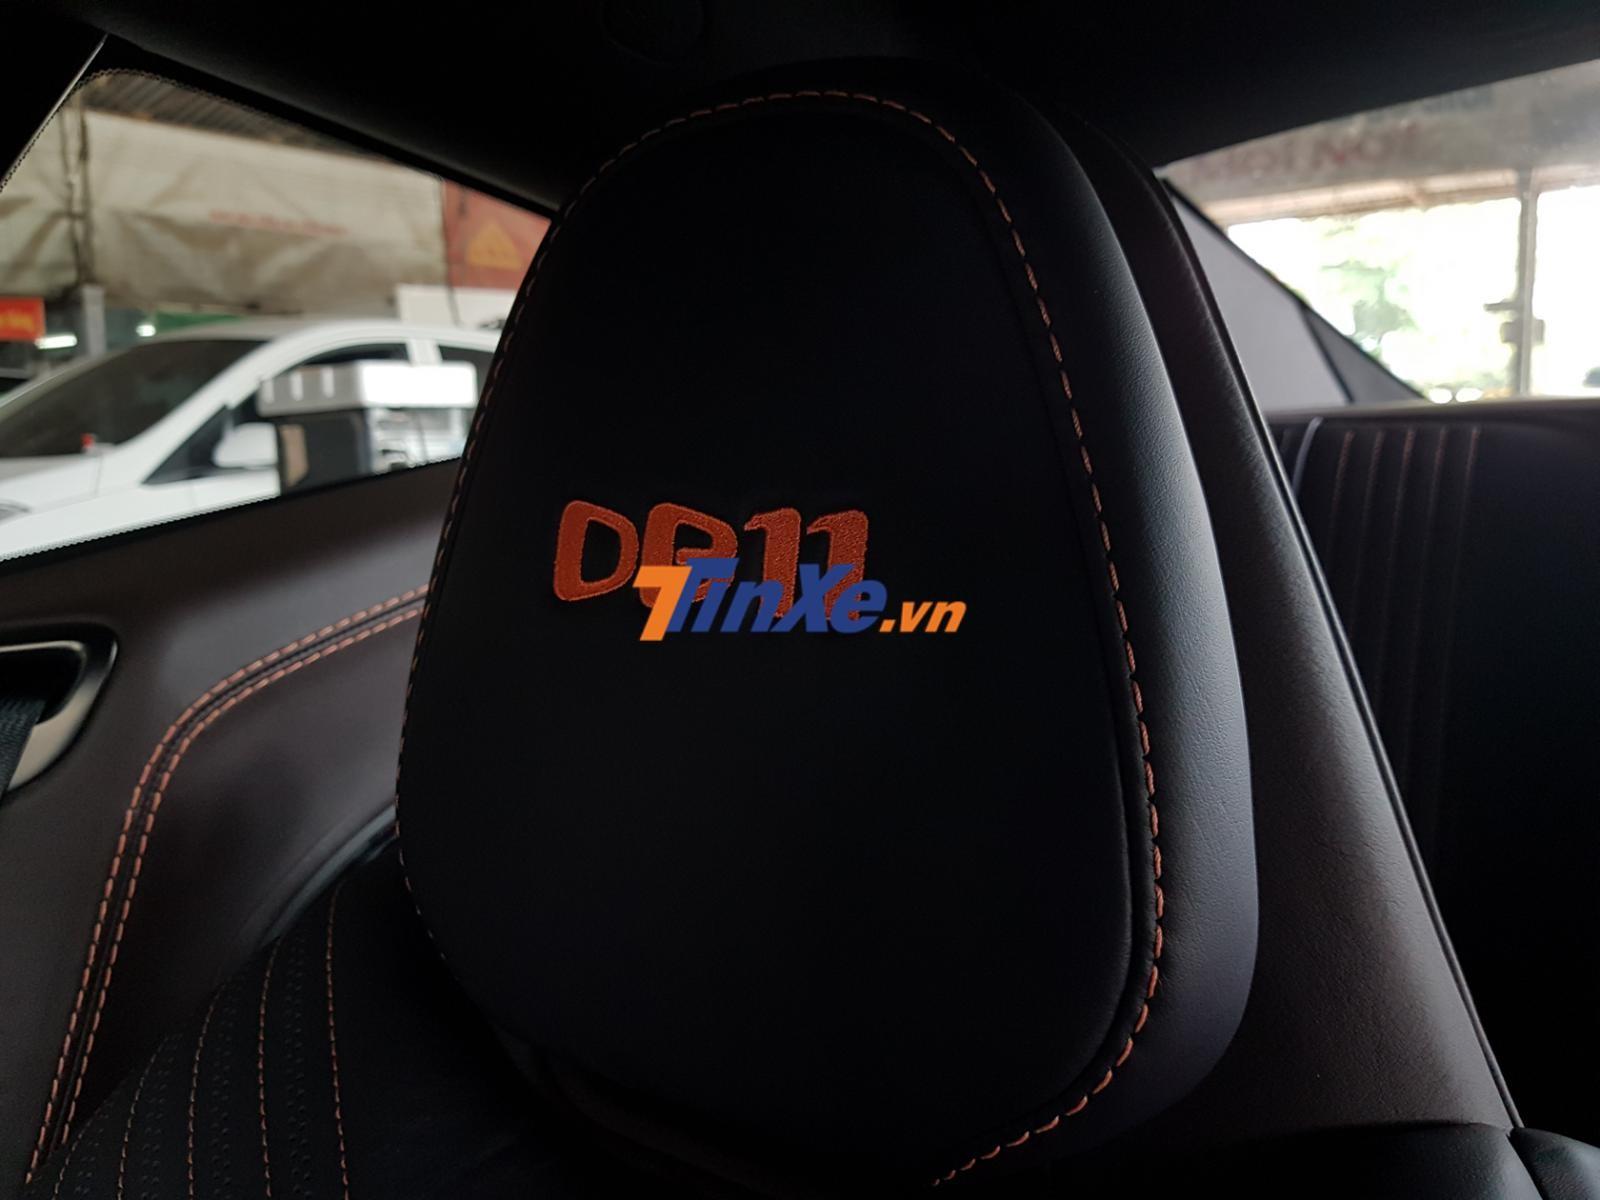 Logo DB11 thêu trên tựa đầu cũng hoàn thành với màu cam nổi bật